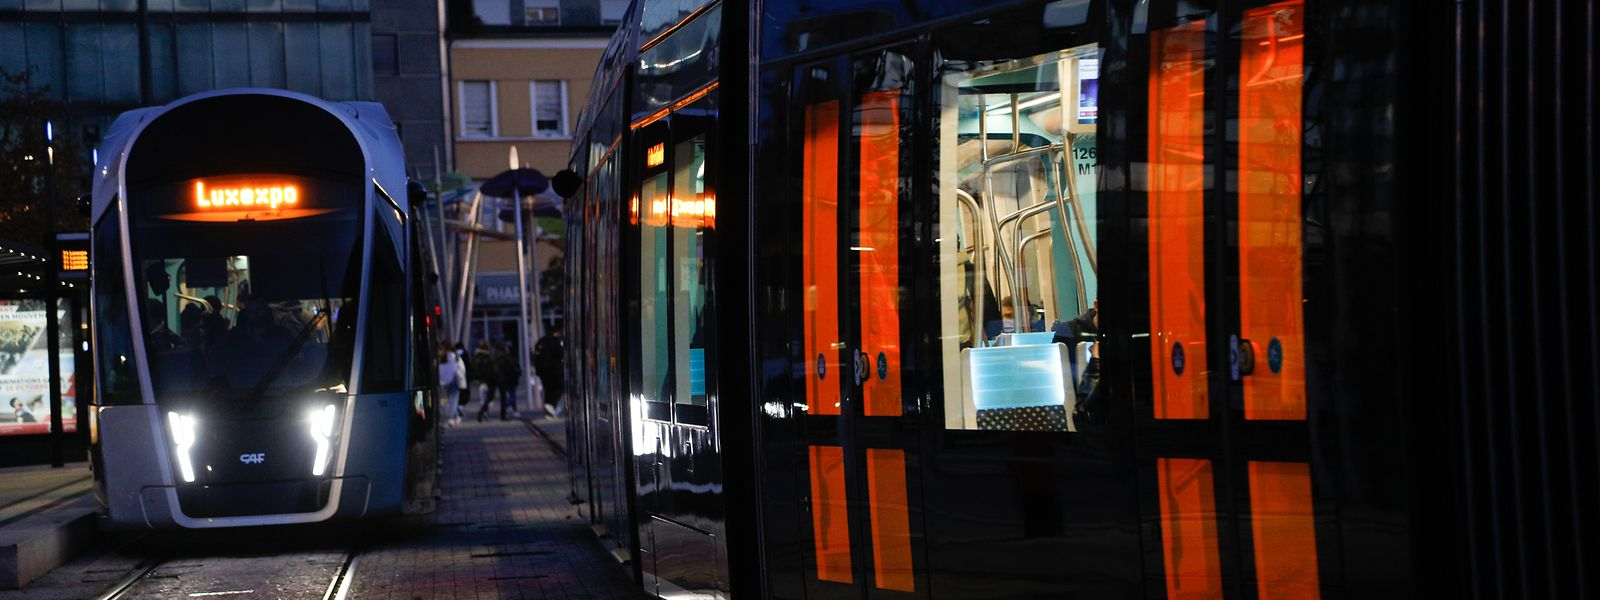 Verschiedene Verkehrsteilnehmer, unterschiedliche Bedürfnisse: Alltag in der Hauptstadt.